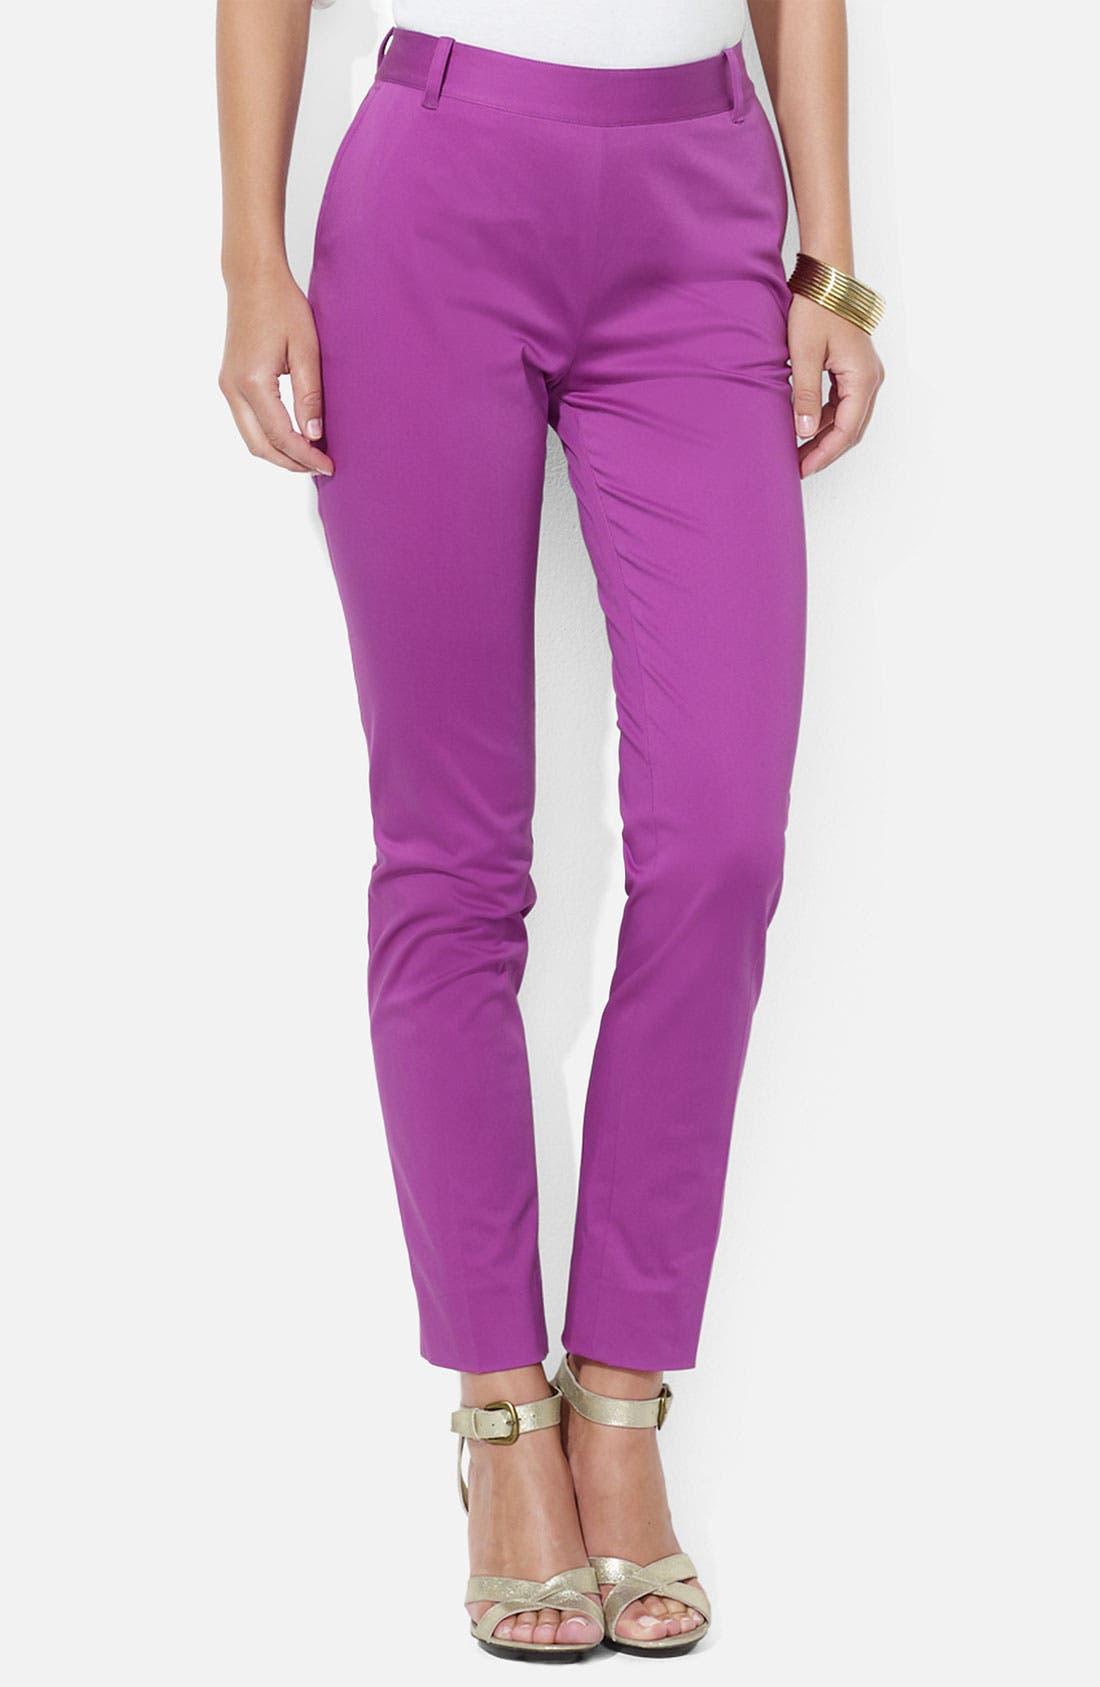 Alternate Image 1 Selected - Lauren Ralph Lauren Stretch Cotton Ankle Pants (Petite)